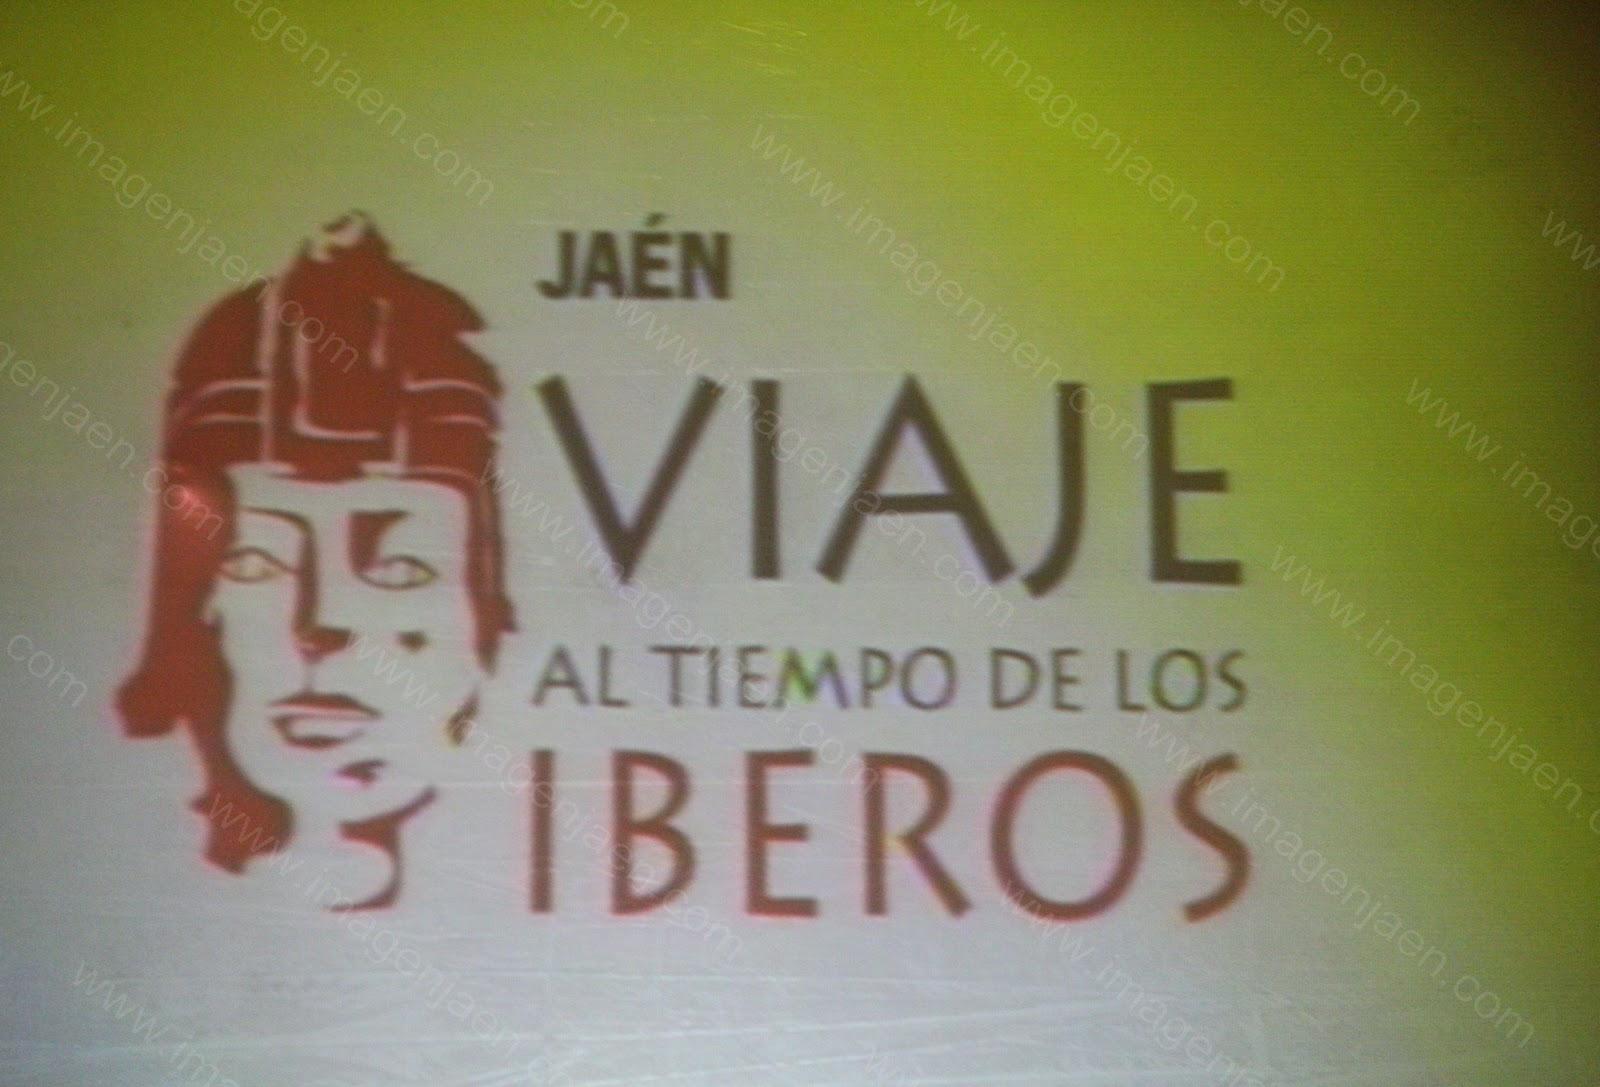 Imagen ja n fotos del acto viaje al tiempo de los iberos - Tiempo los villares jaen ...